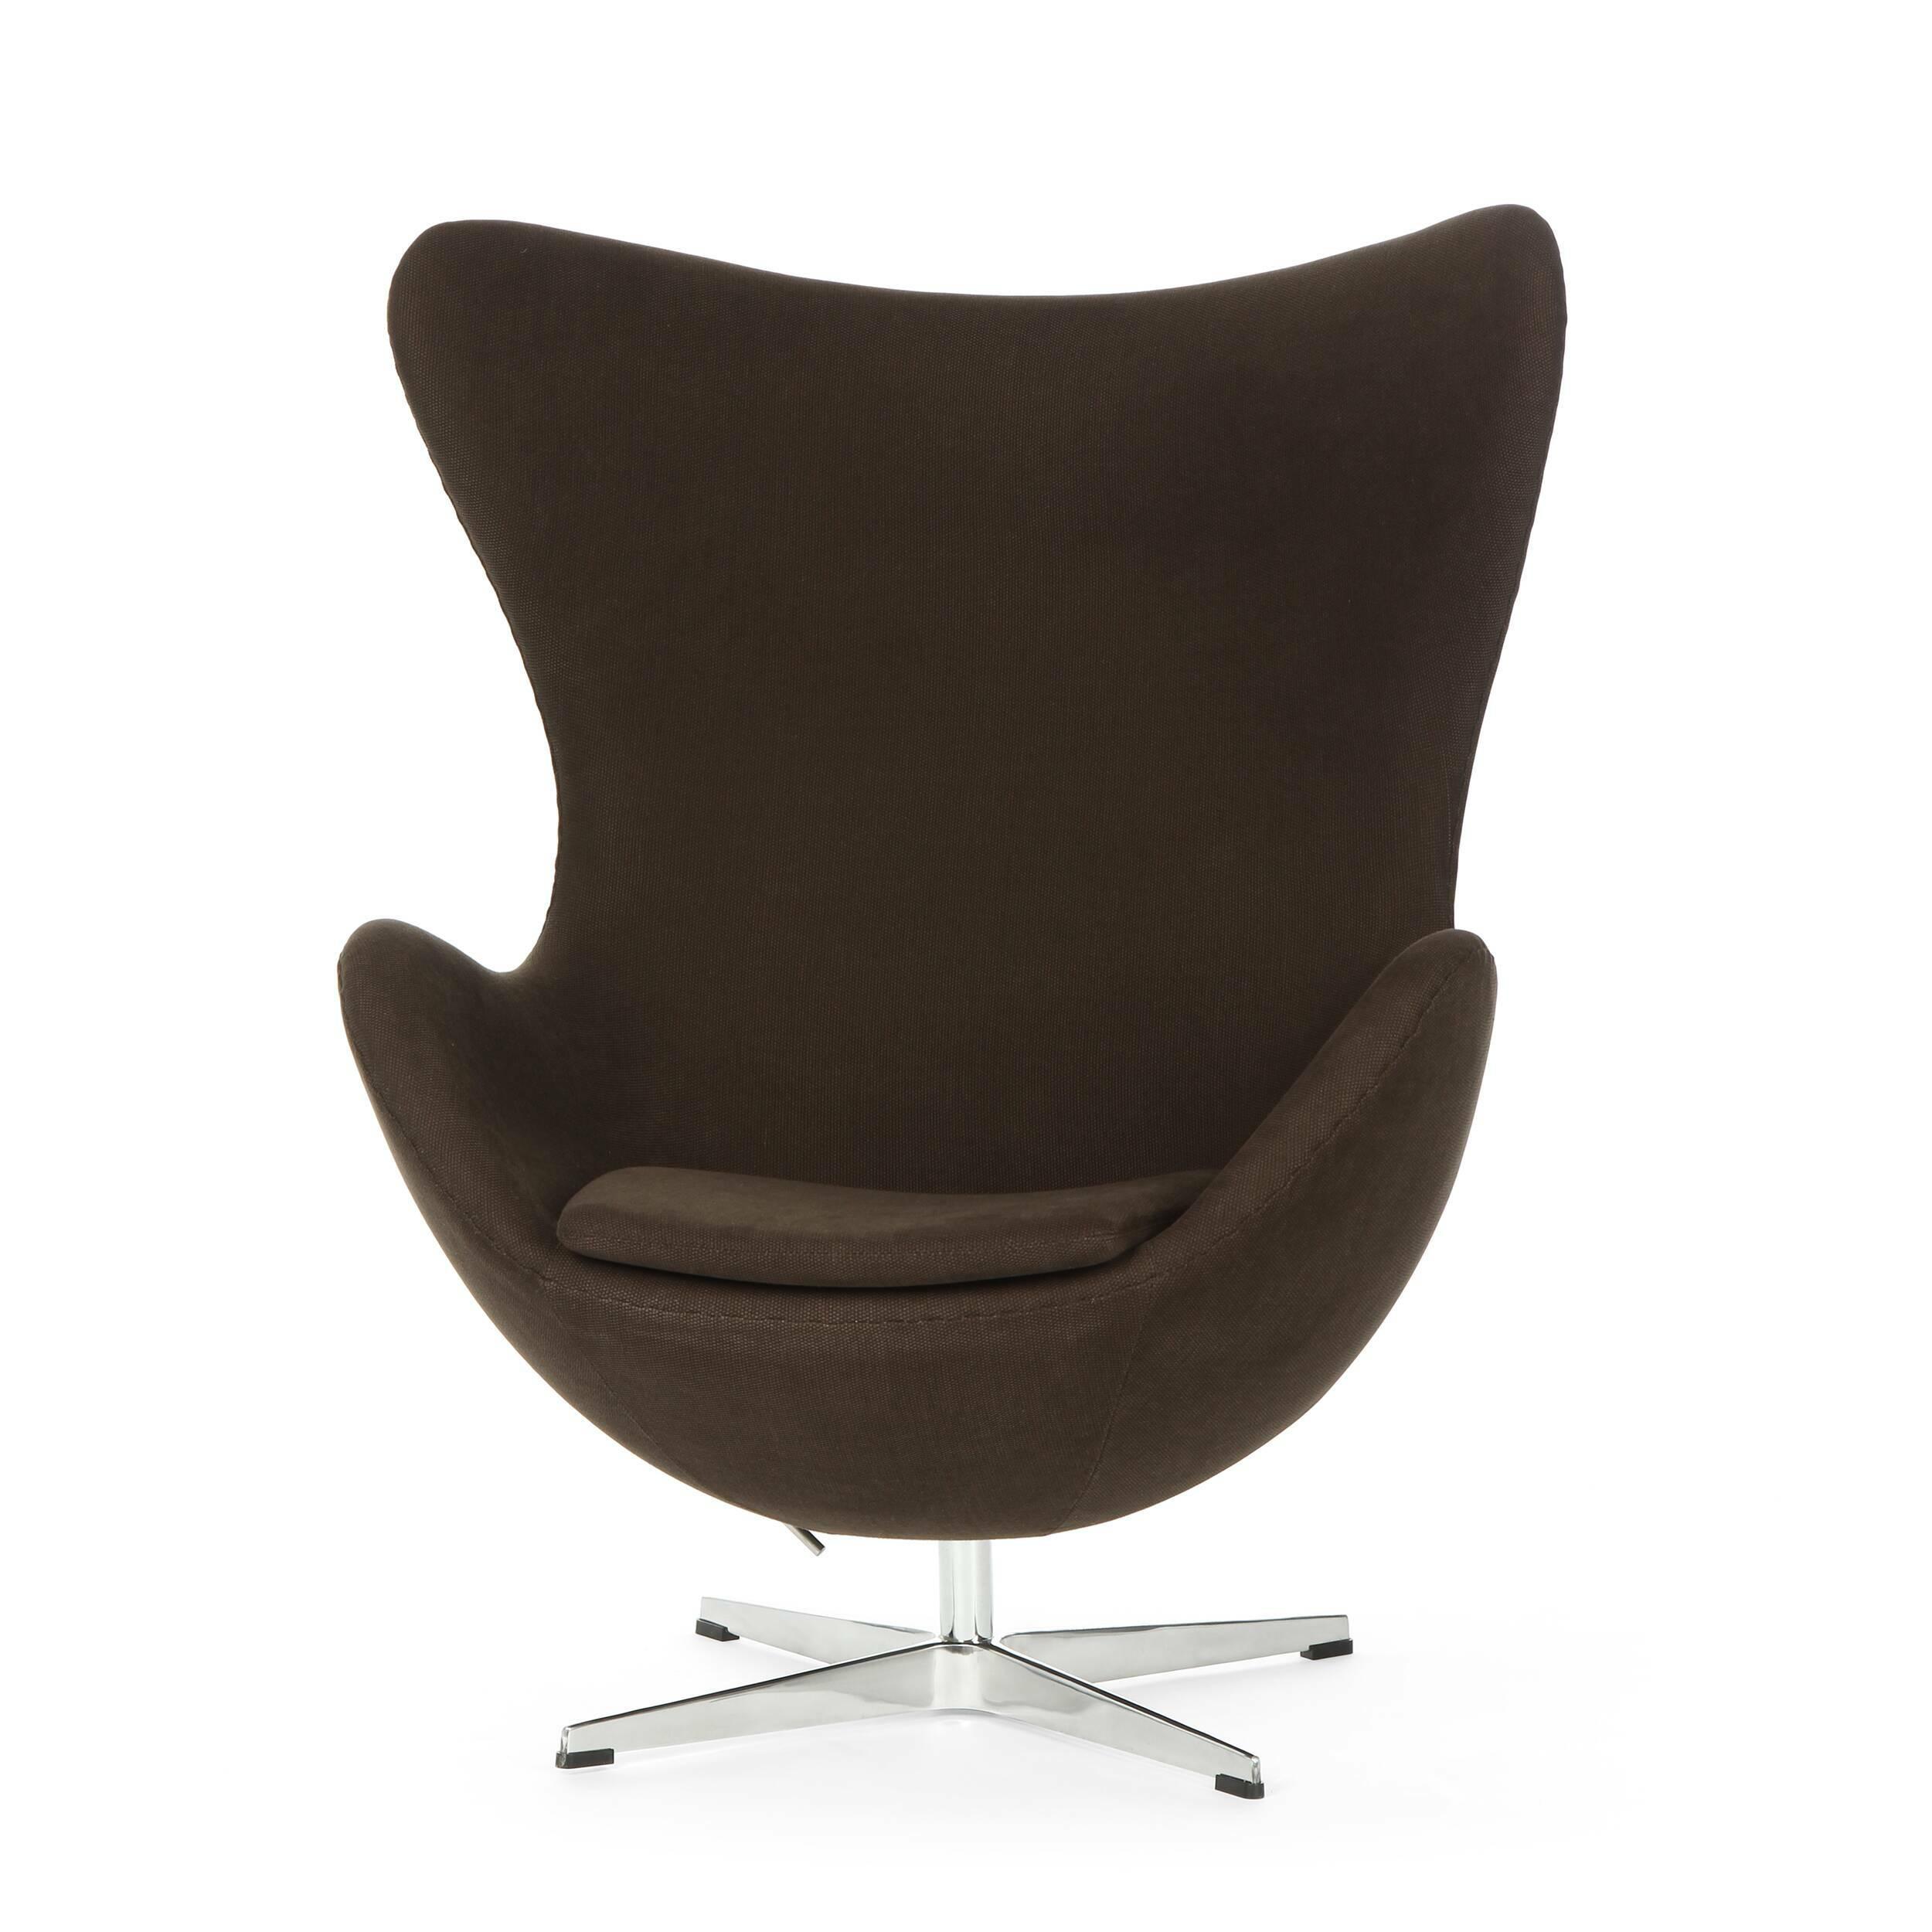 Кресло EggИнтерьерные<br>Дизайнерское комфортное кресло Egg (Эгг) в форме яйца на узкой ножке от Cosmo (Космо).<br><br><br> Кресло, своими очертаниями напоминающее яйцо, — одно из самых известных творений датского дизайнера Арне Якобсена. Вряд ли оно когда-нибудь выйдет из моды — уж слишком велик диапазон его интерьерных возможностей. Кроме того, обыгрывать данную форму помогают различные фактуры и цвета обивок.<br><br><br> Особенно приятно и солидно смотрится оригинальное кресло Egg в обивке из натуральной кожи, представлен...<br><br>stock: 2<br>Высота: 105,5<br>Высота сиденья: 41<br>Ширина: 87<br>Глубина: 82<br>Цвет ножек: Хром<br>Материал обивки: Хлопок<br>Коллекция ткани: Charles Fabric<br>Тип материала обивки: Ткань<br>Тип материала ножек: Алюминий<br>Цвет обивки: Тёмно-коричневый